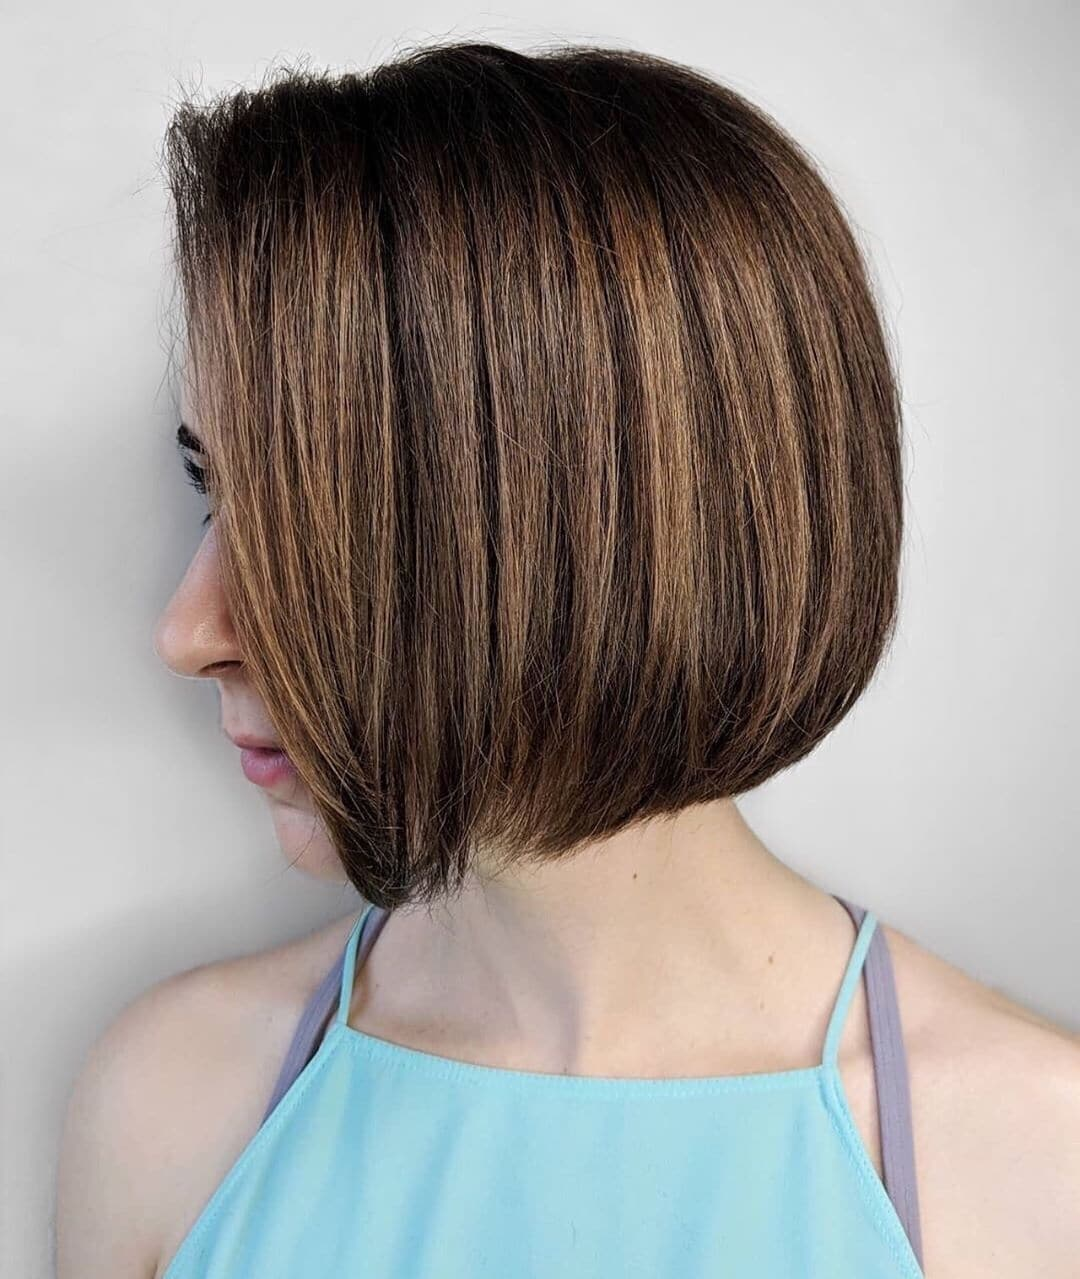 fryzury dla cienkich włosów i okrągłej twarzy